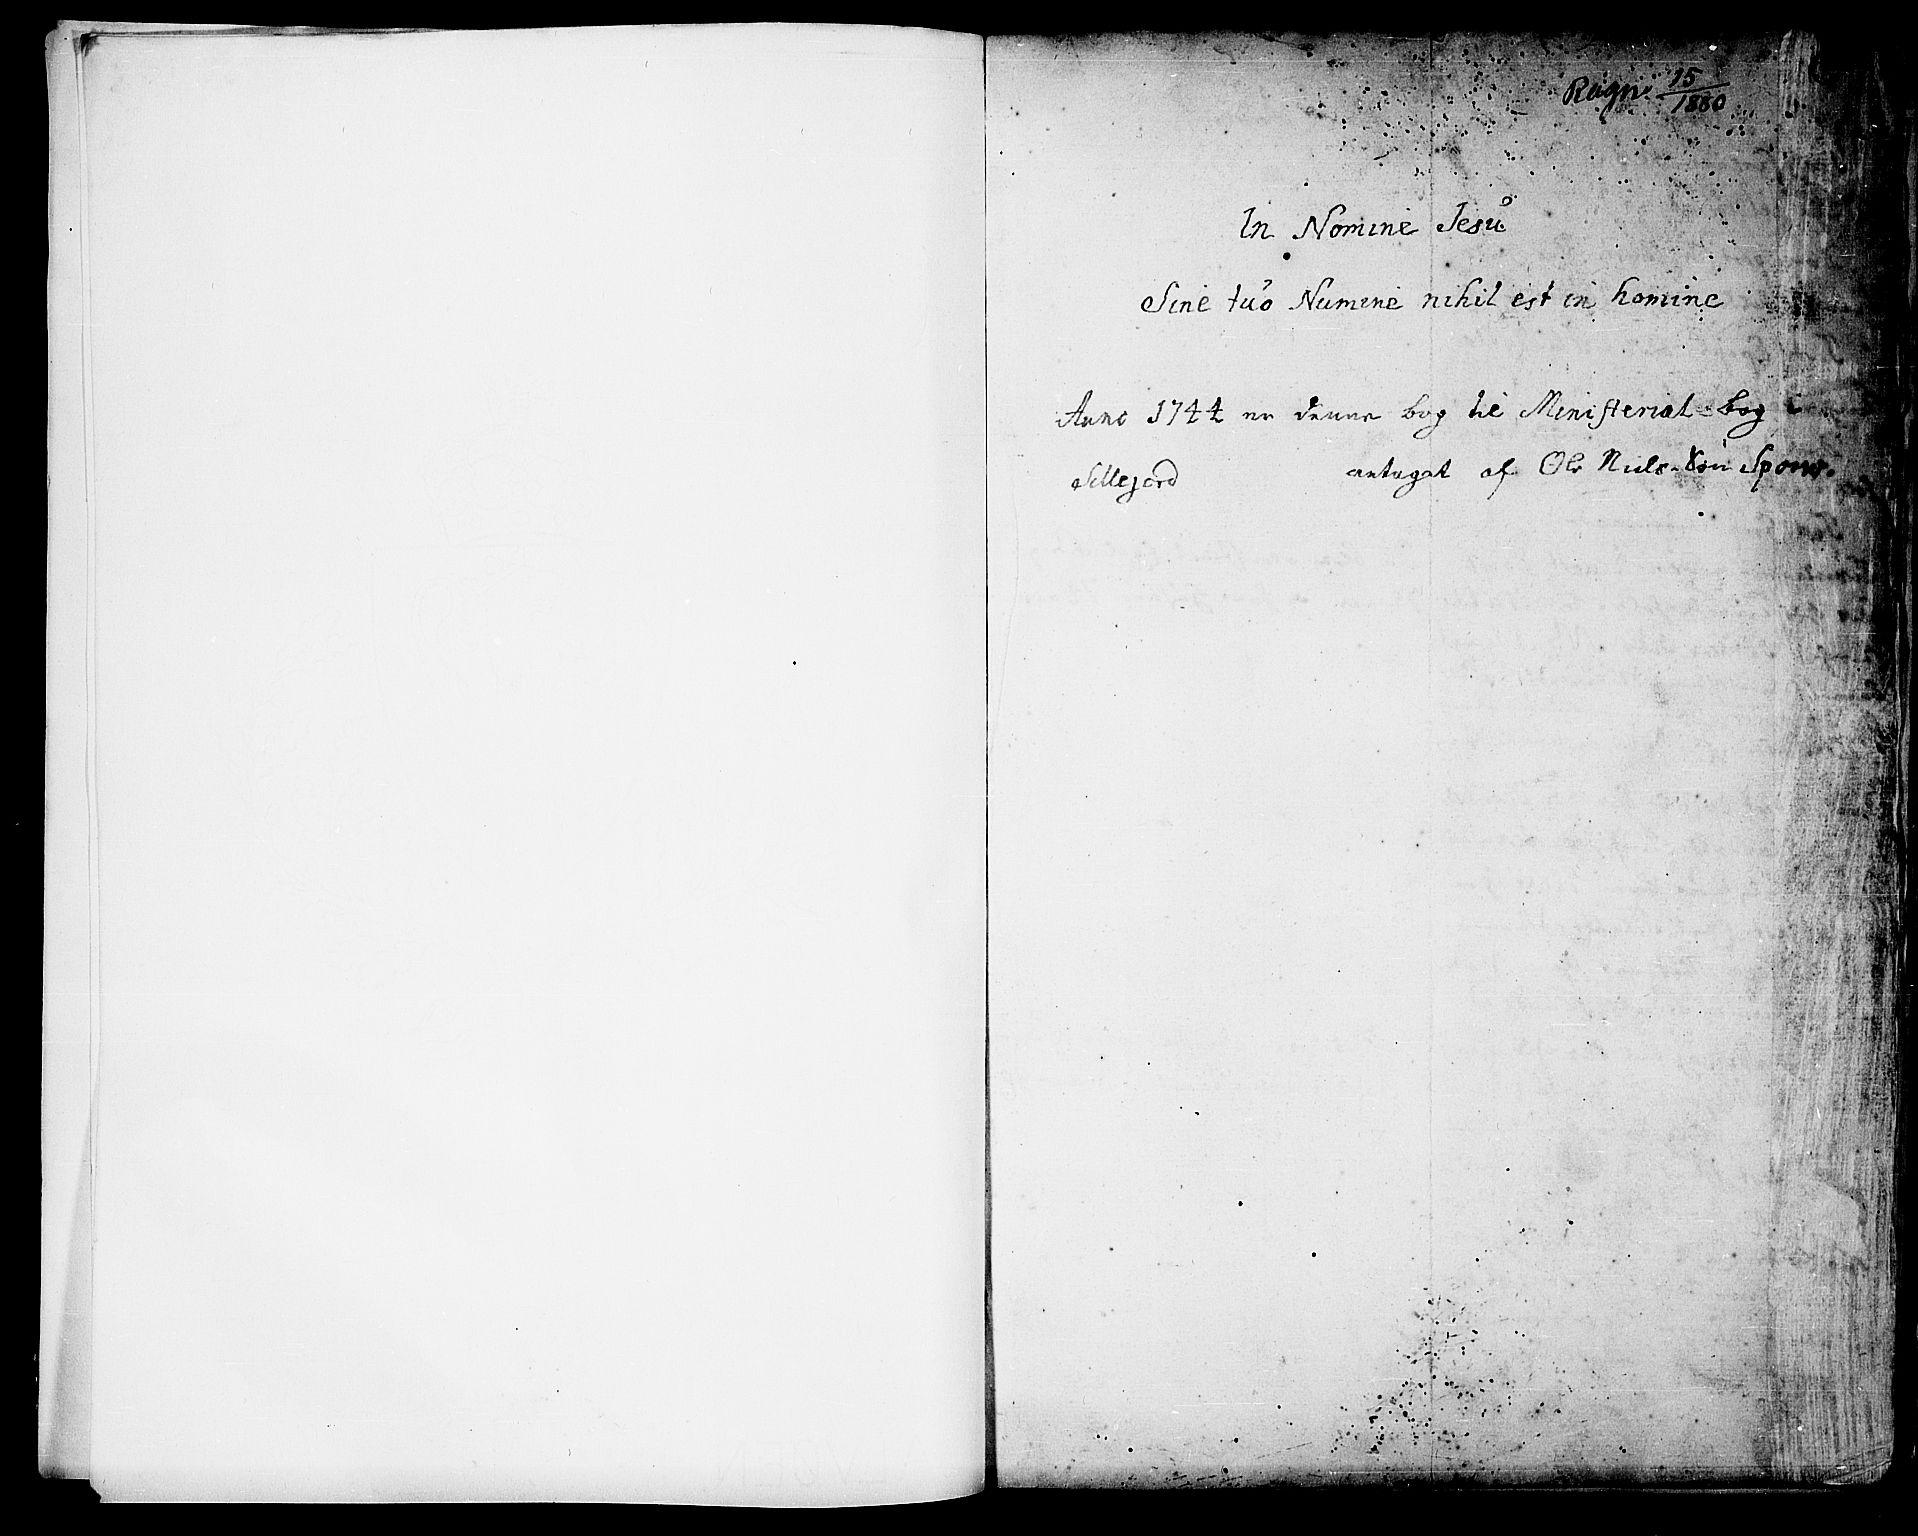 SAKO, Seljord kirkebøker, F/Fa/L0006: Ministerialbok nr. I 6, 1744-1755, s. 1